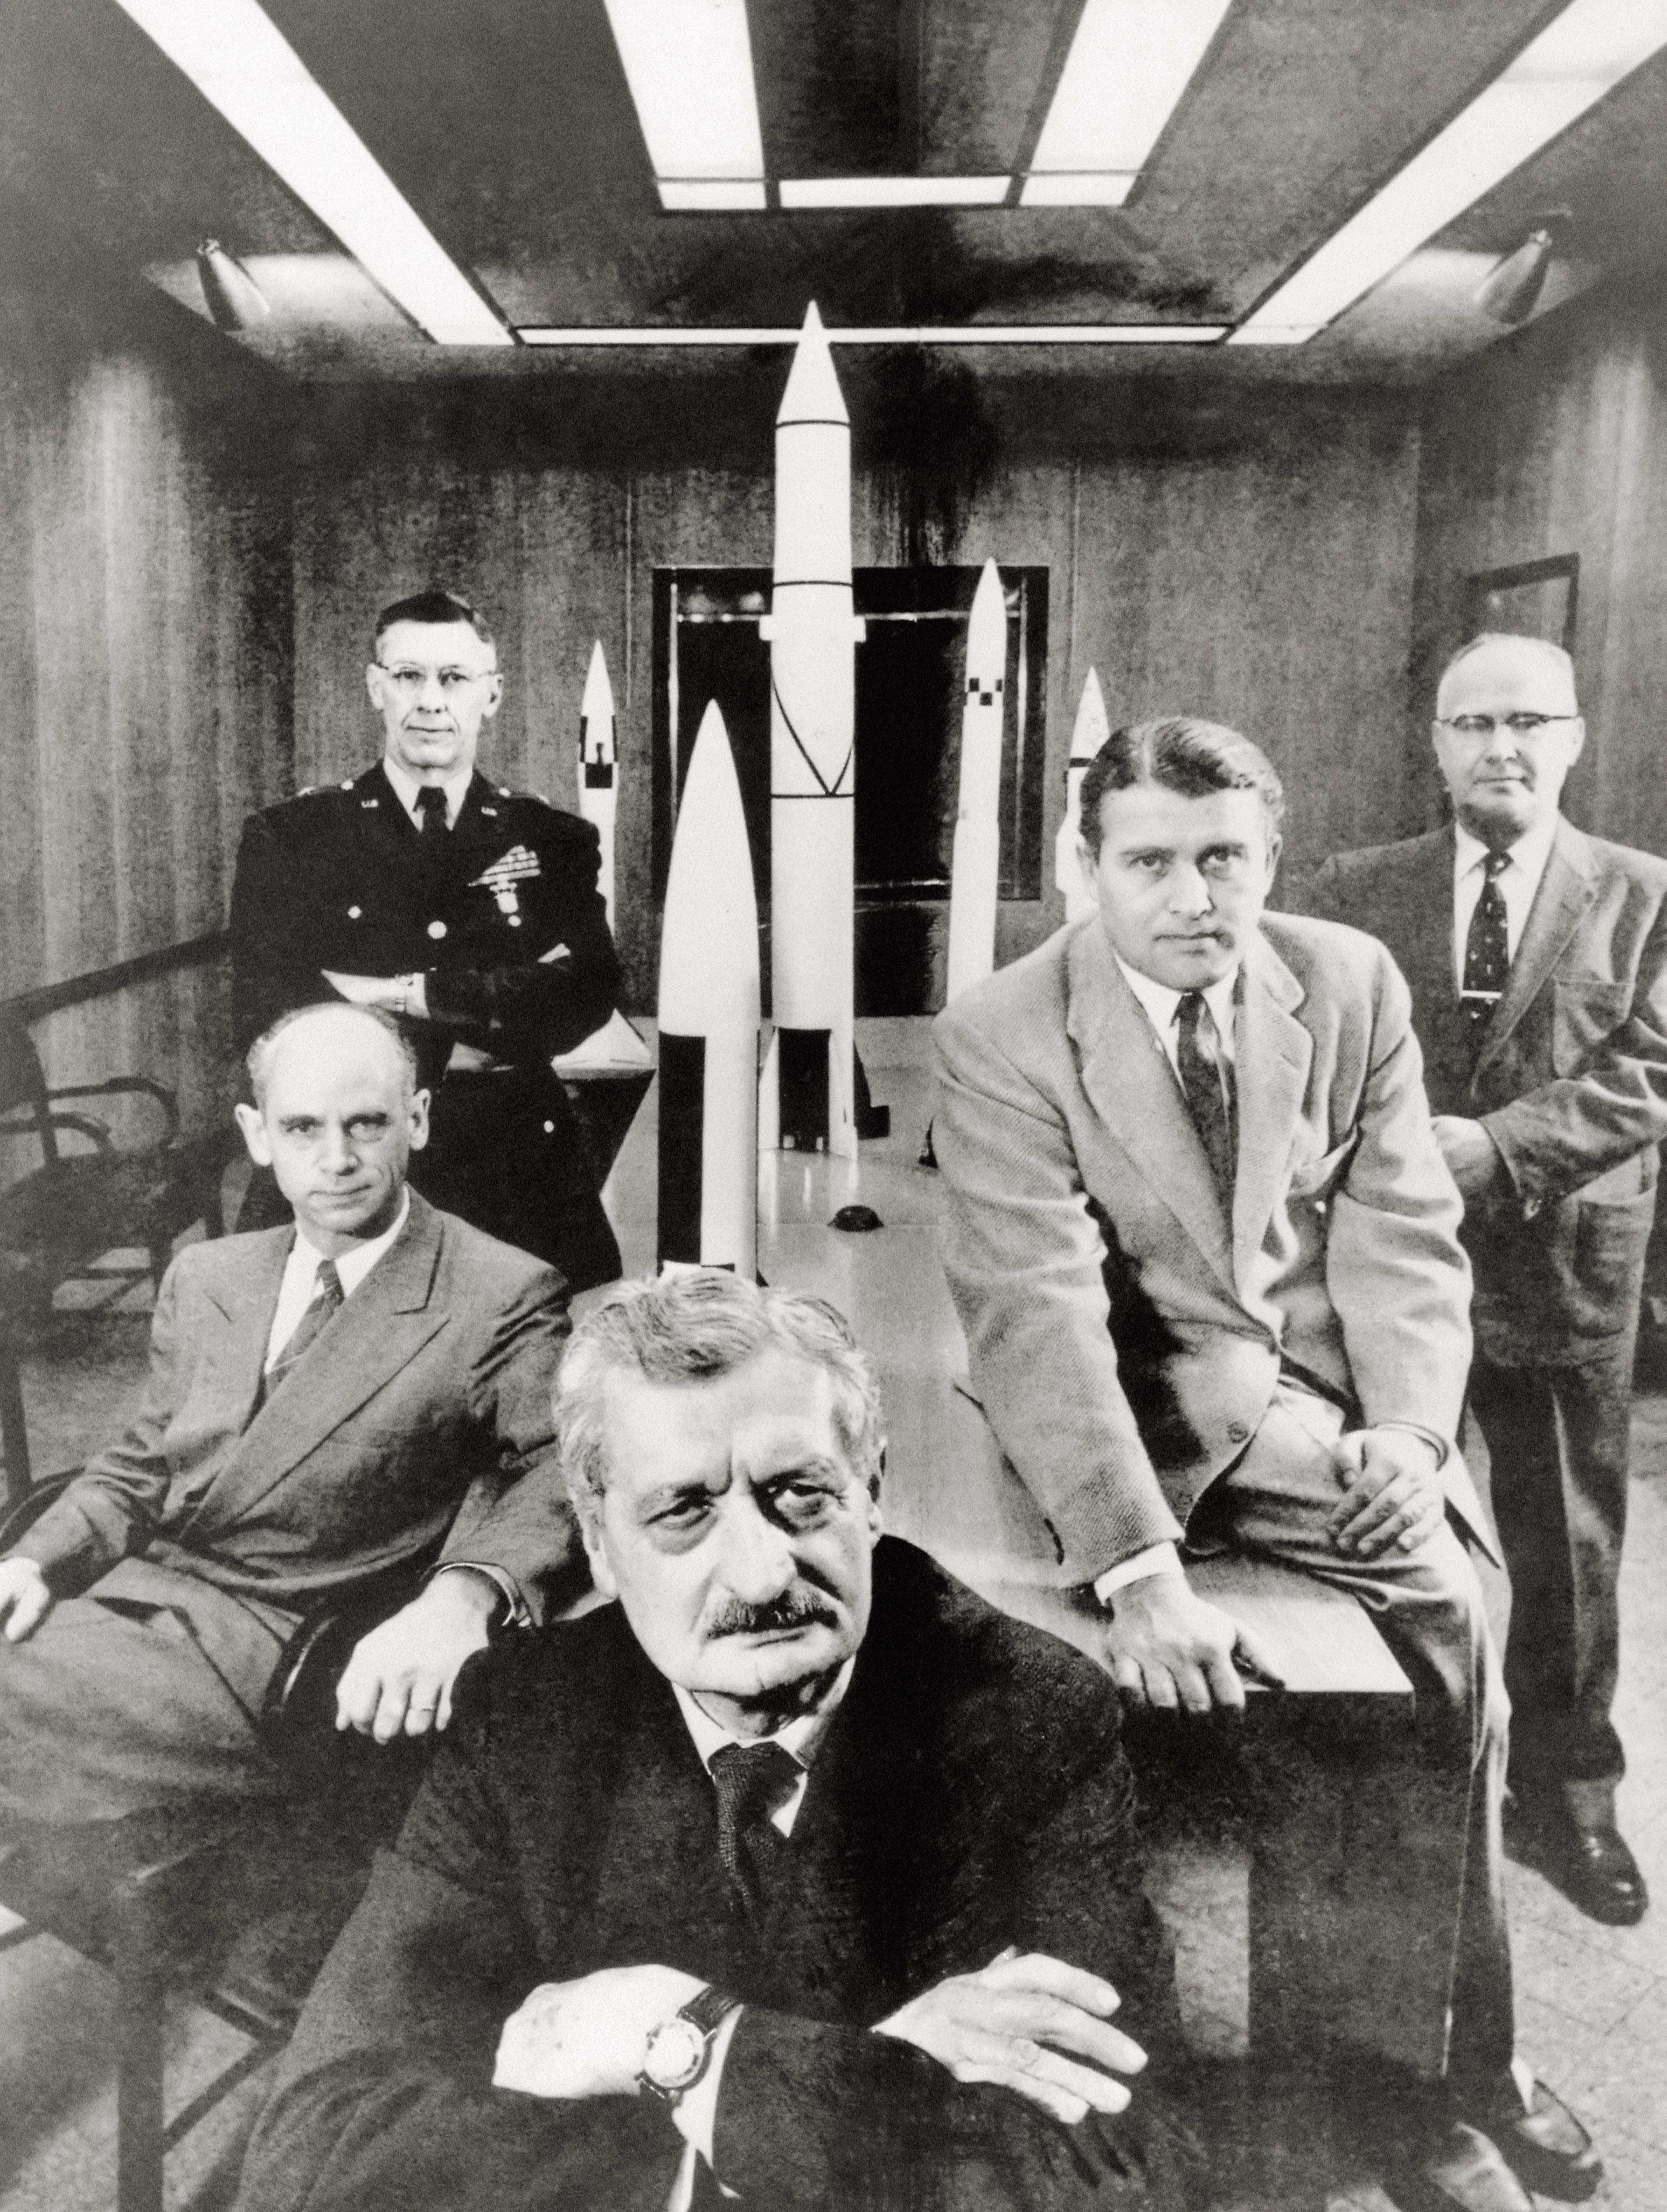 Hermann Oberth, Ernst Stuhlinger, Maj. Gen Toftoy, von Braun , 1956